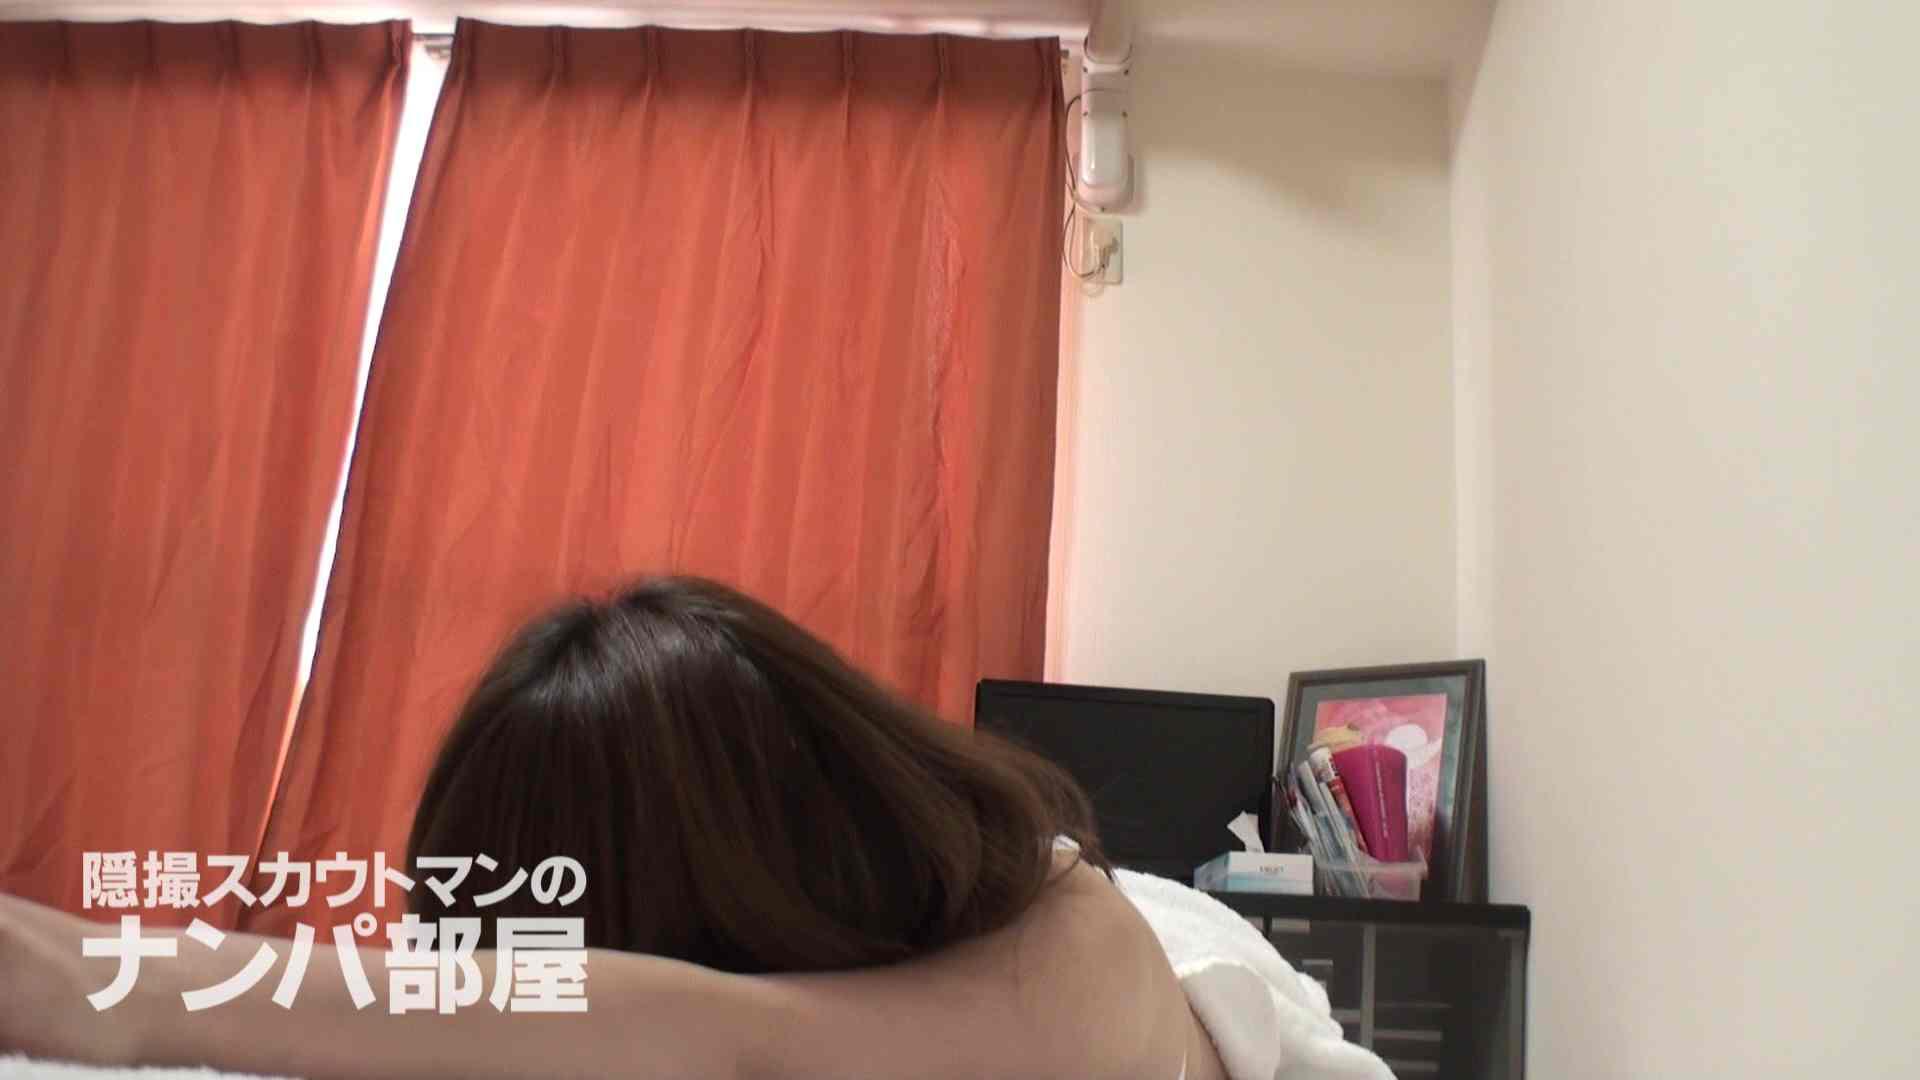 隠撮スカウトマンのナンパ部屋~風俗デビュー前のつまみ食い~ siivol.2 OLのエッチ  83pic 40